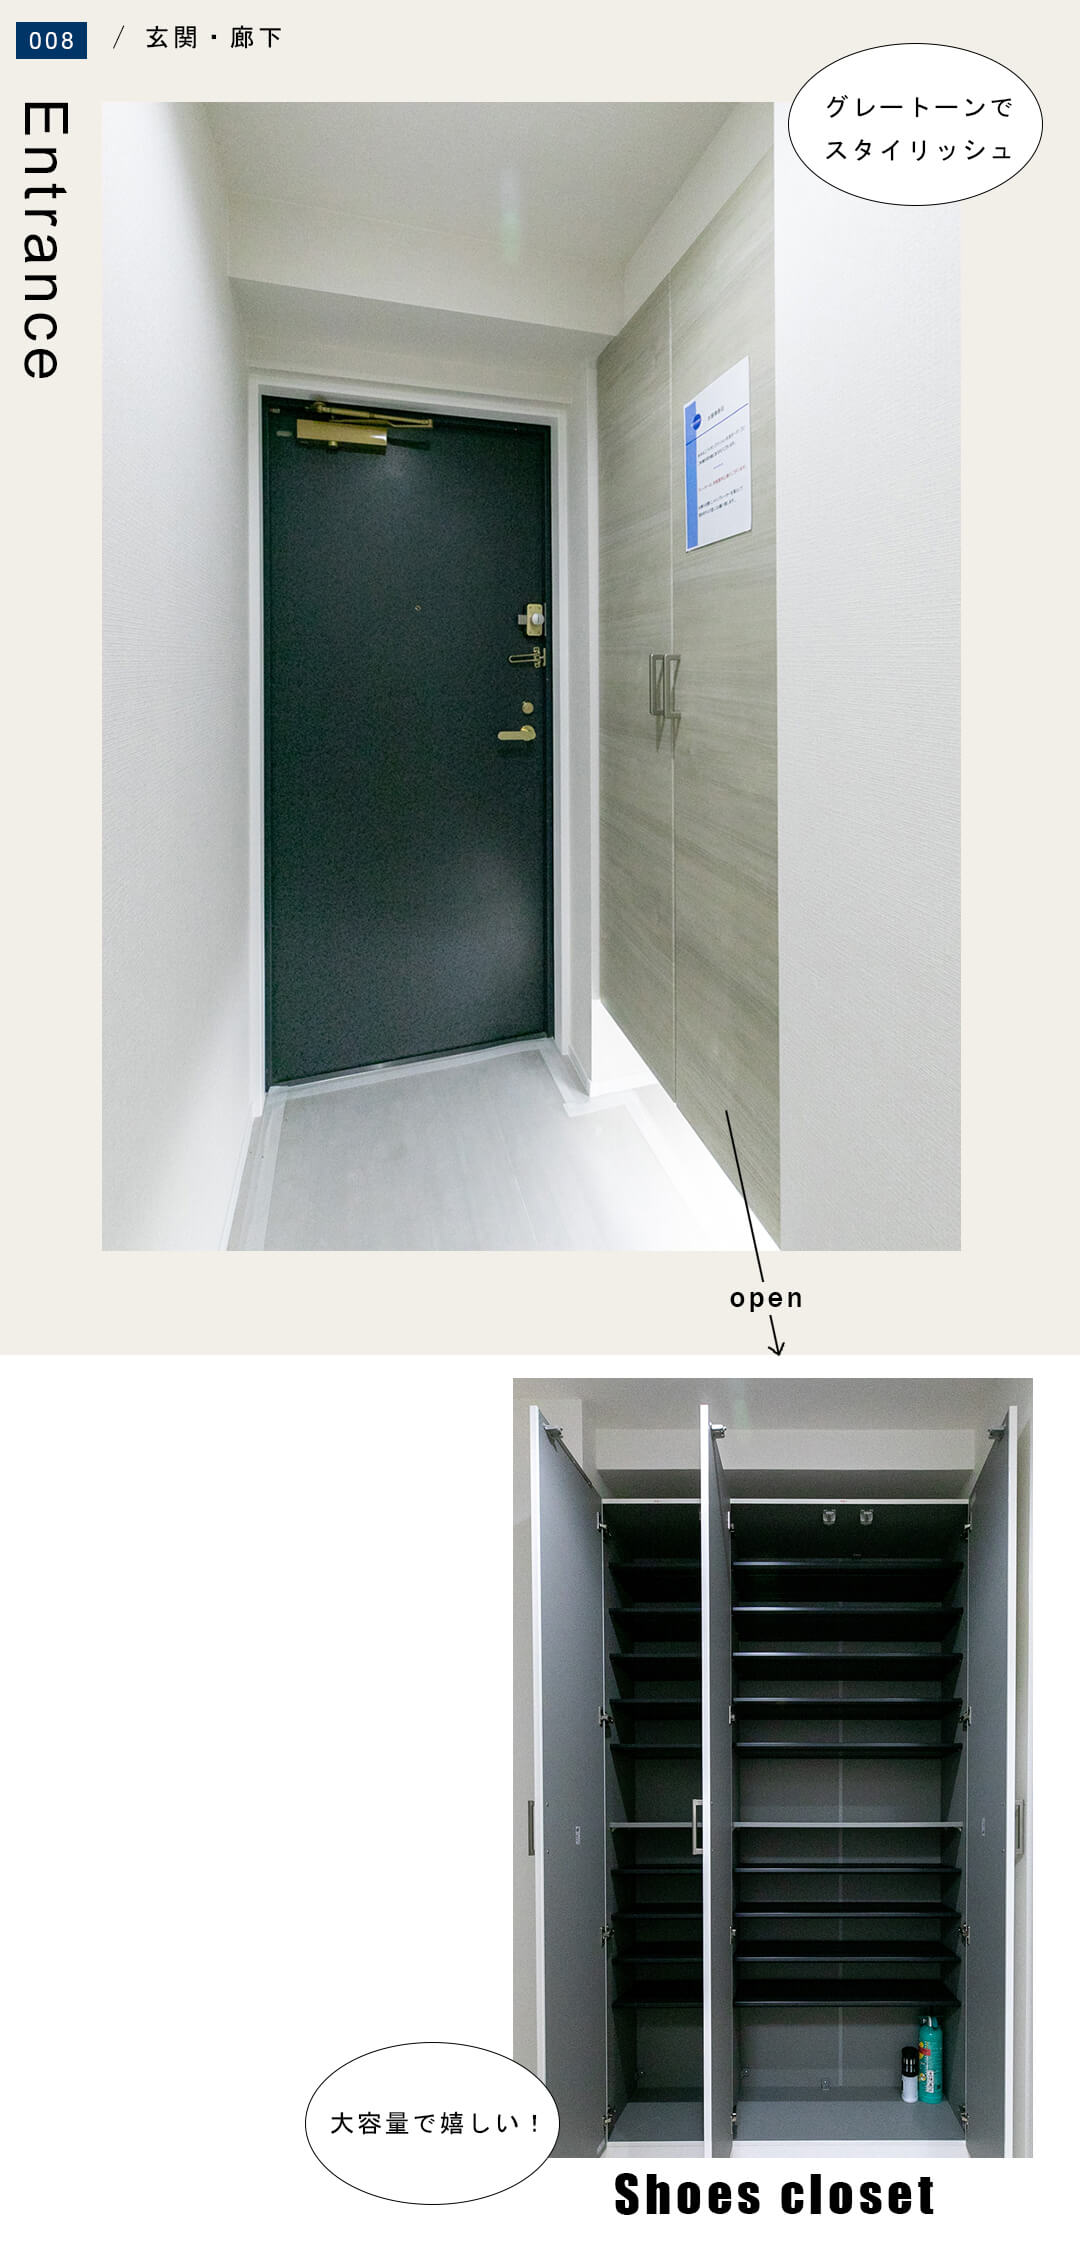 008玄関,廊下,Entrance